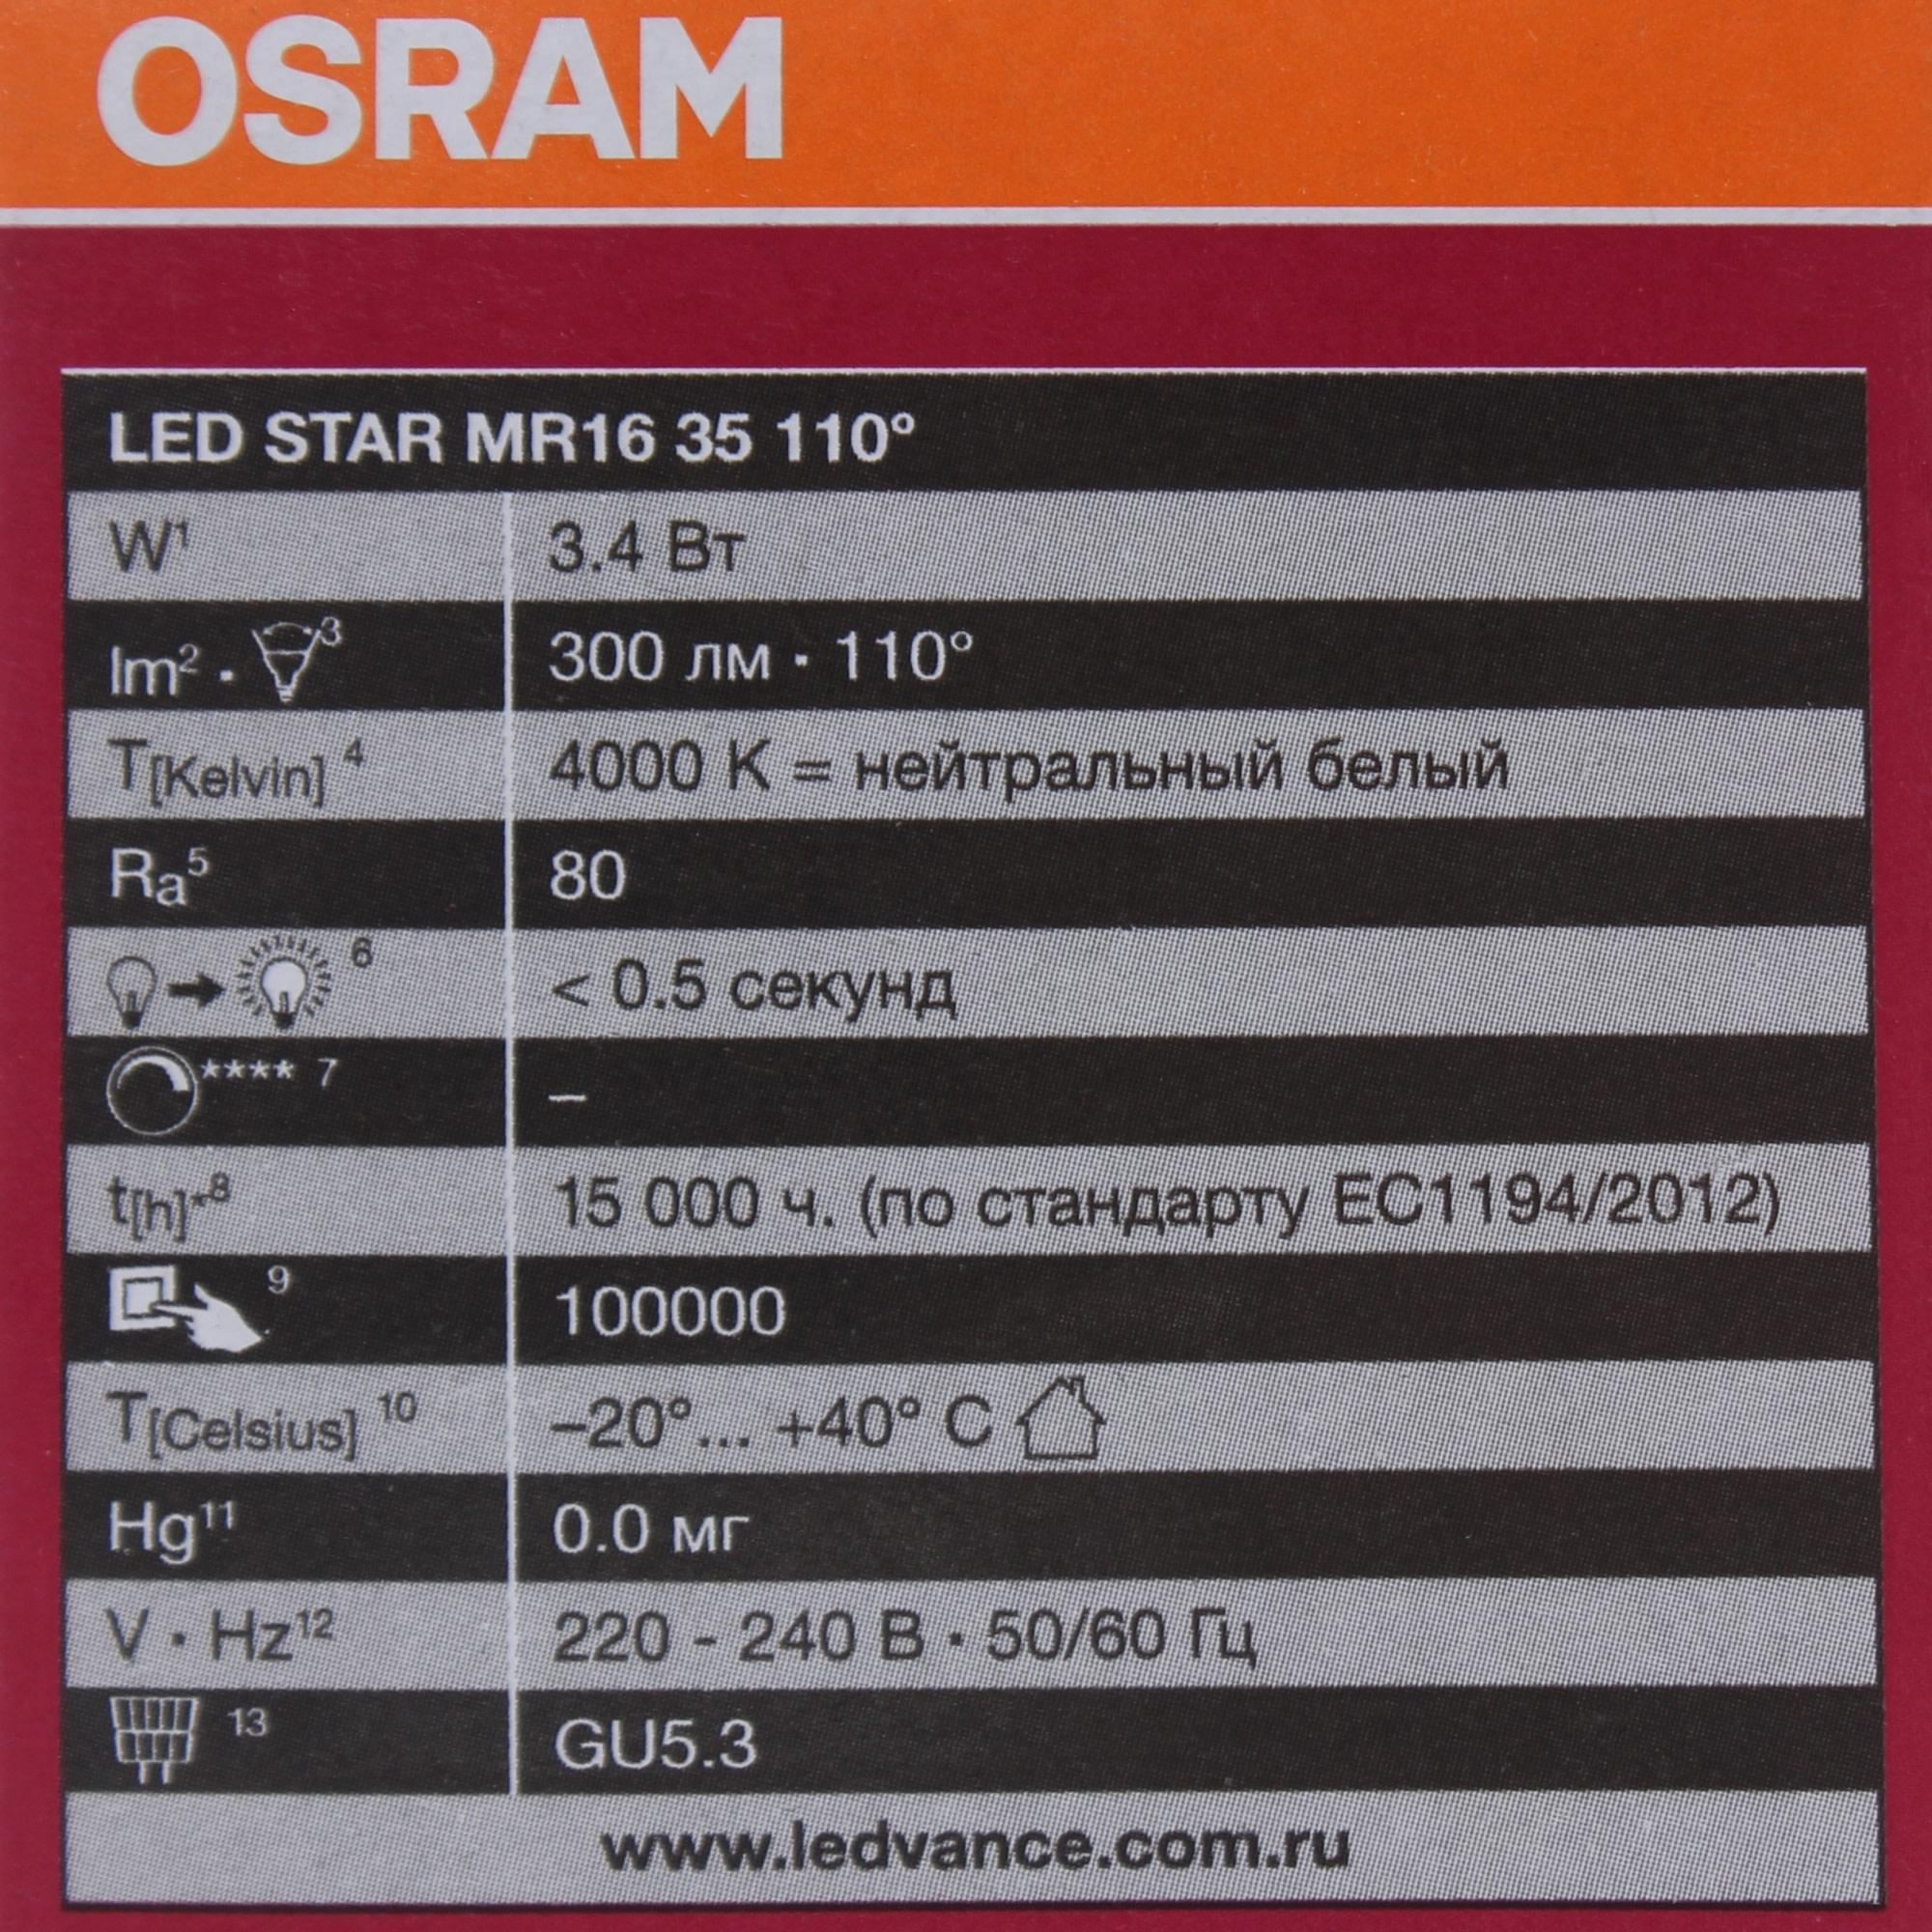 Лампа светодиодная Osram GU5.3 3.4 Вт 300 Лм свет холодный белый матовая колба